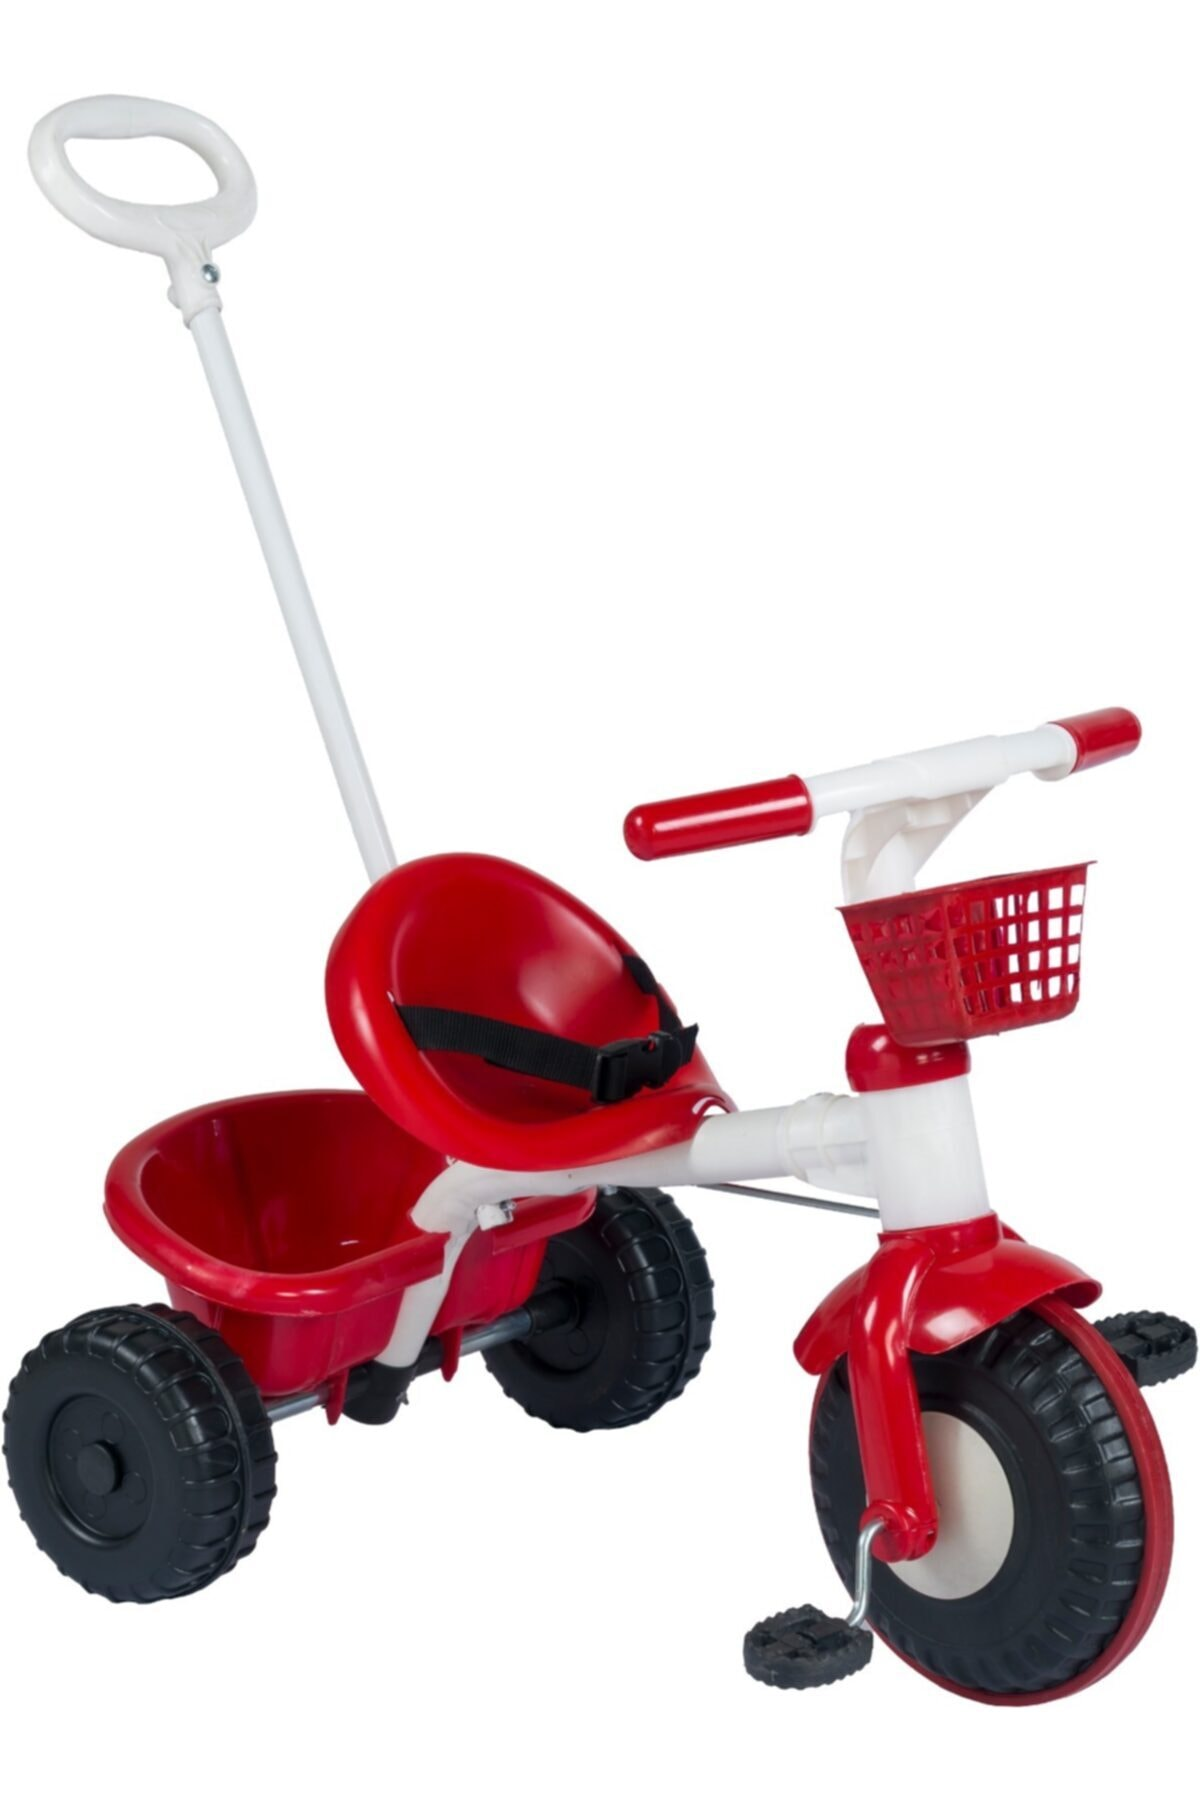 Unisex Çocuk Kırmızı Ebeveyn Kontrollü 3 Tekerlekli  Bisikleti